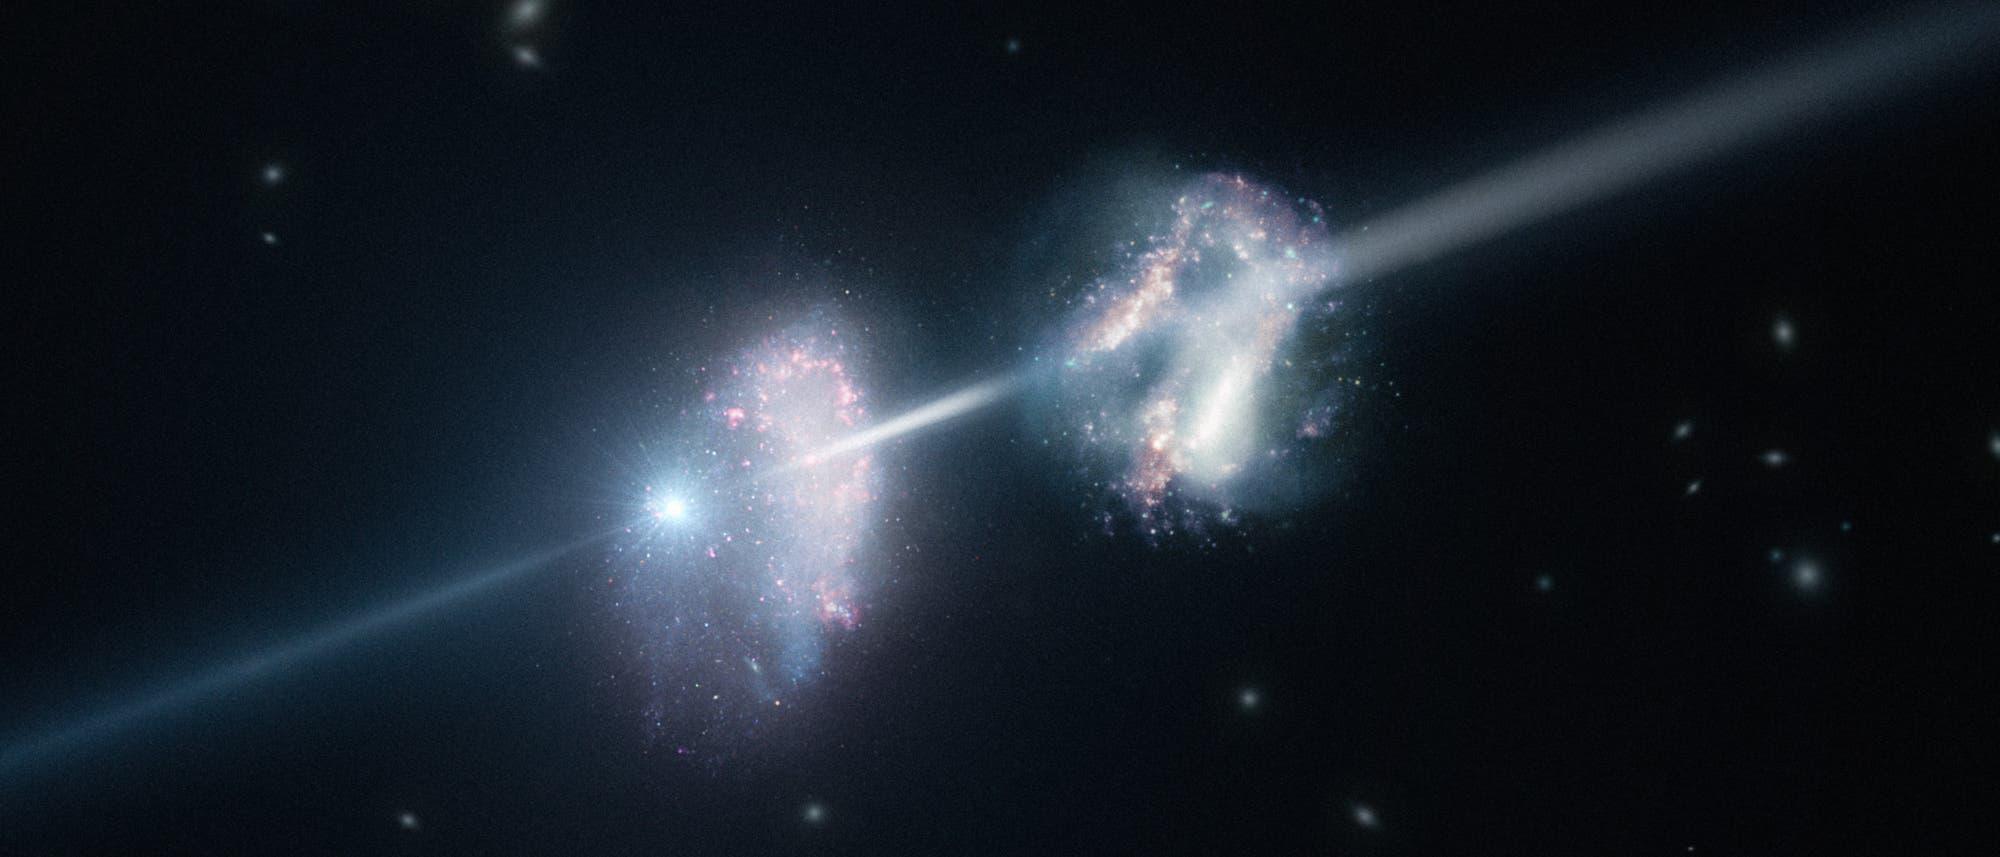 Künstlerische Darstellung der beiden vom Gammastrahlenausbruch durchleuchteten Galaxien.